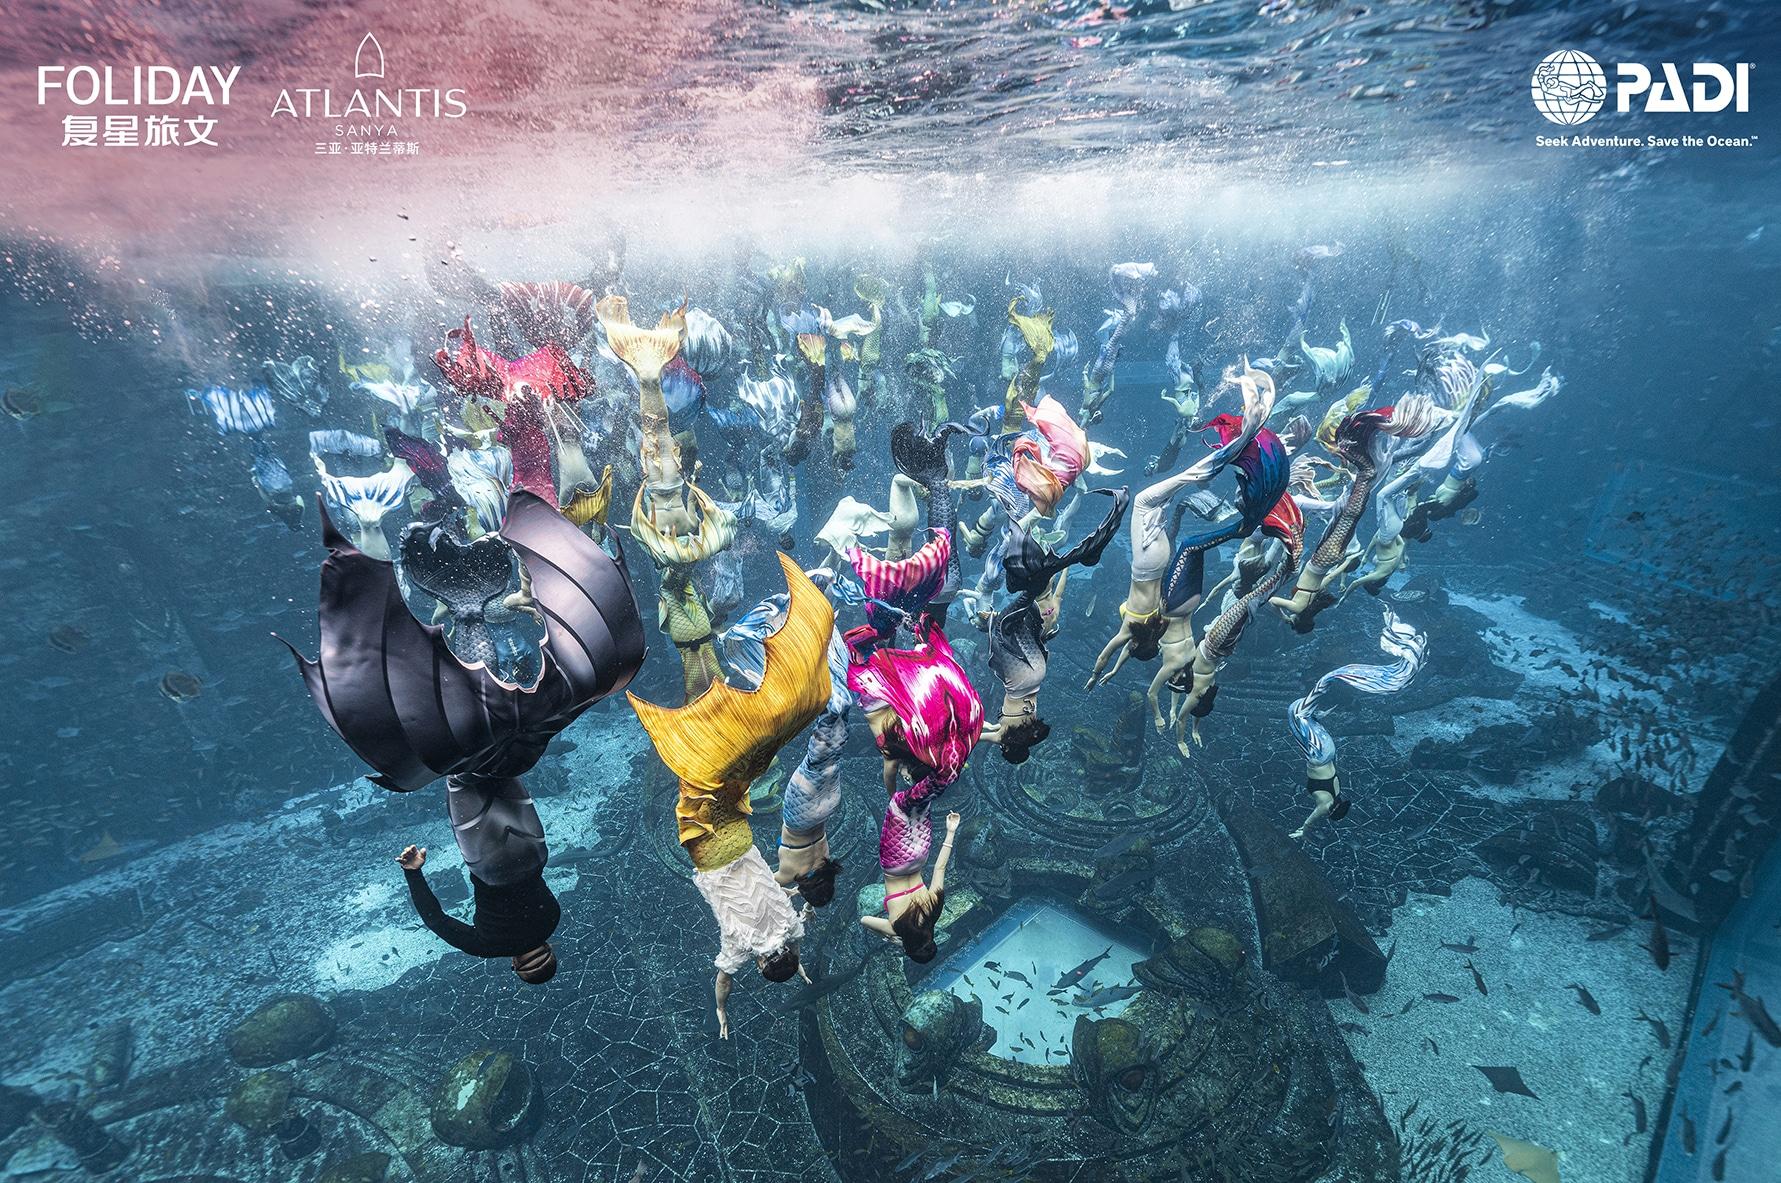 Największy podwodny pokaz syren